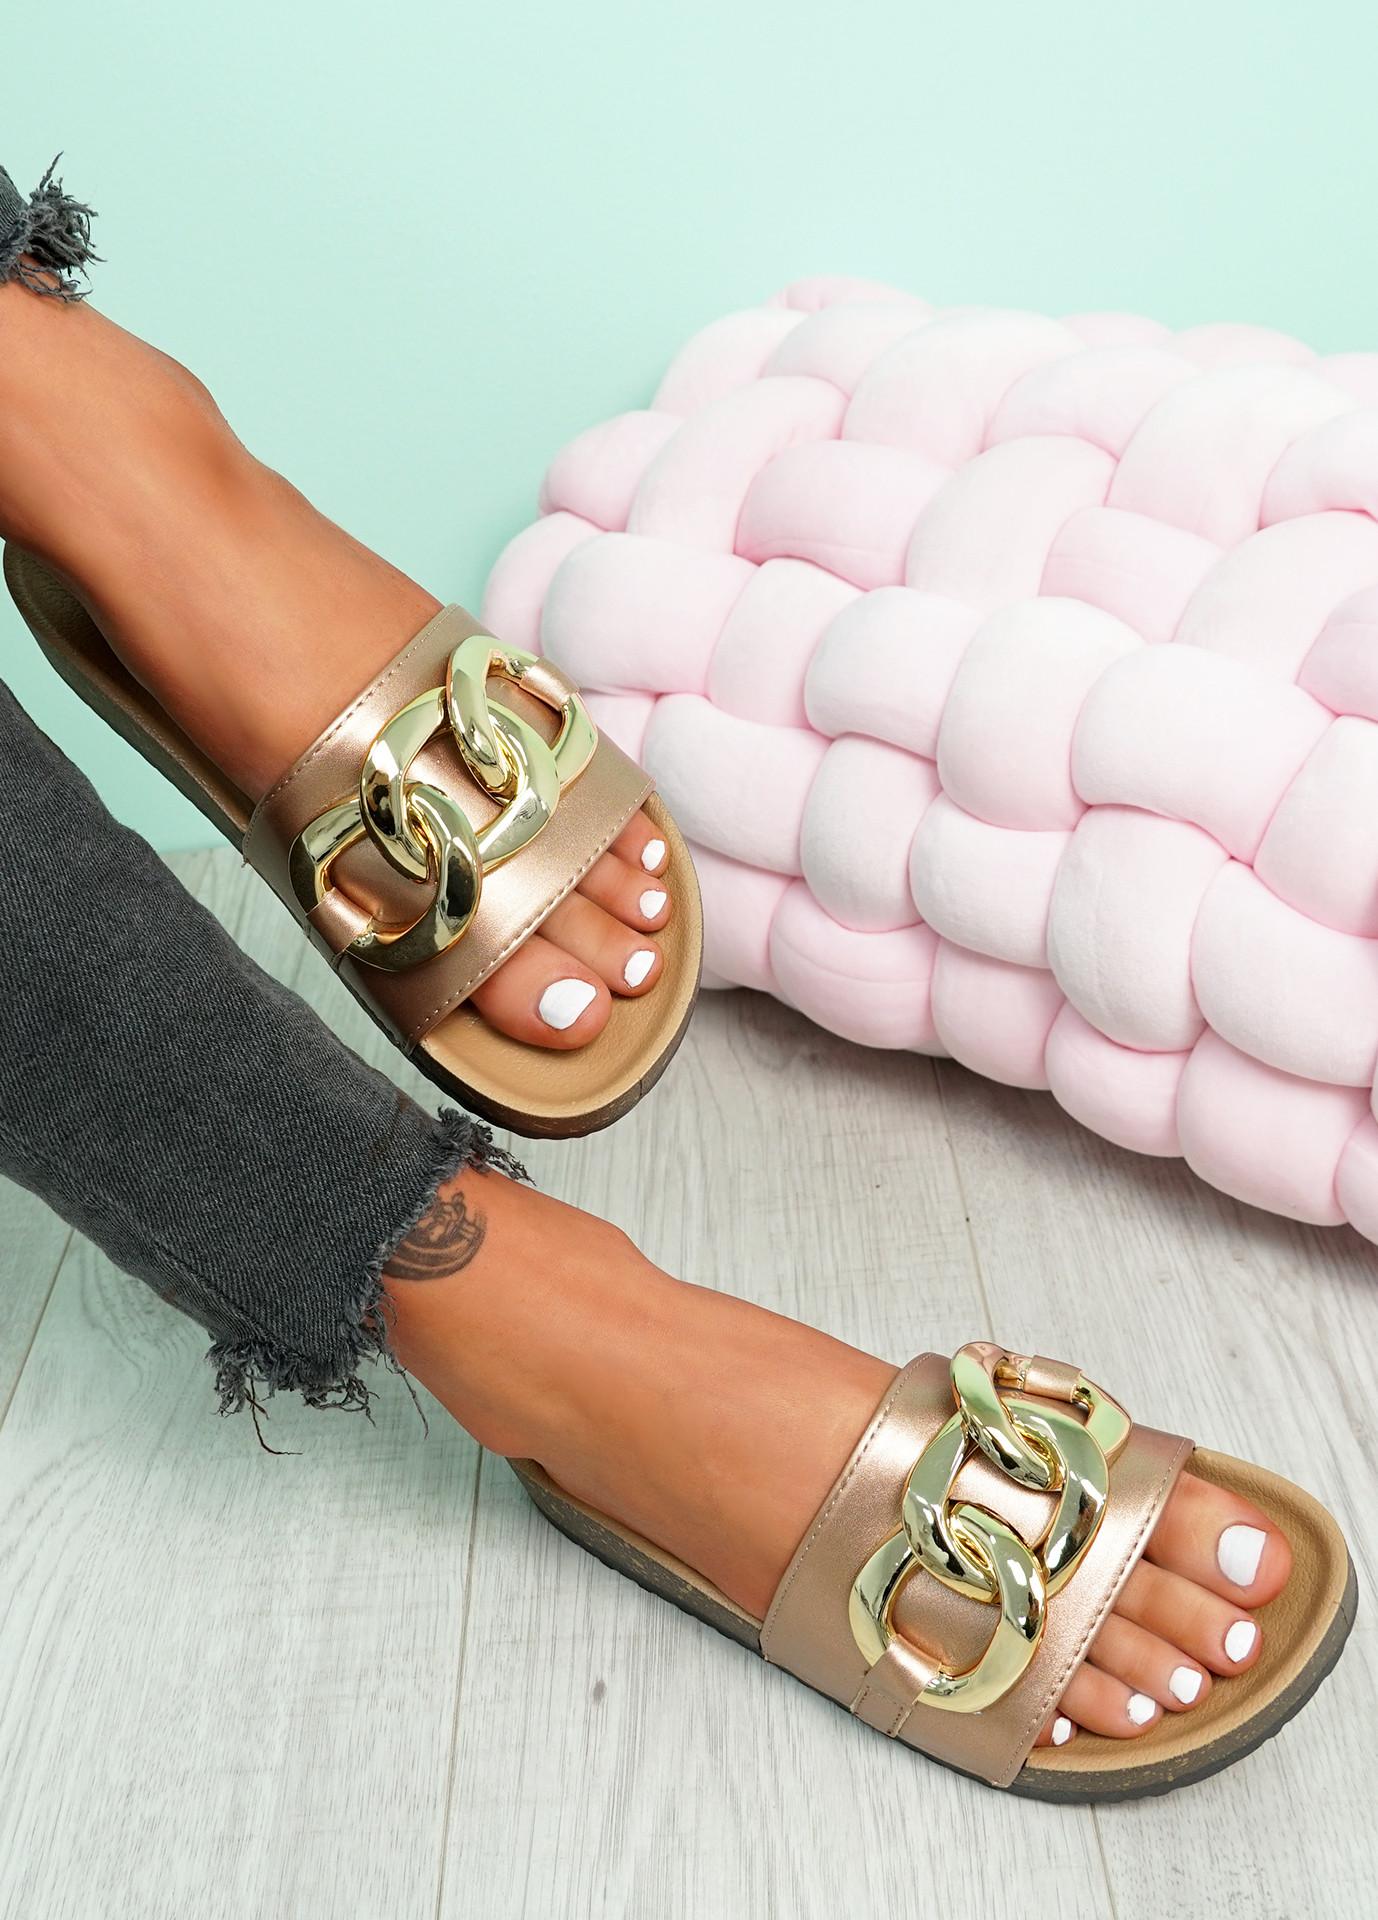 Samma Rose Gold Platform Chain Sandals